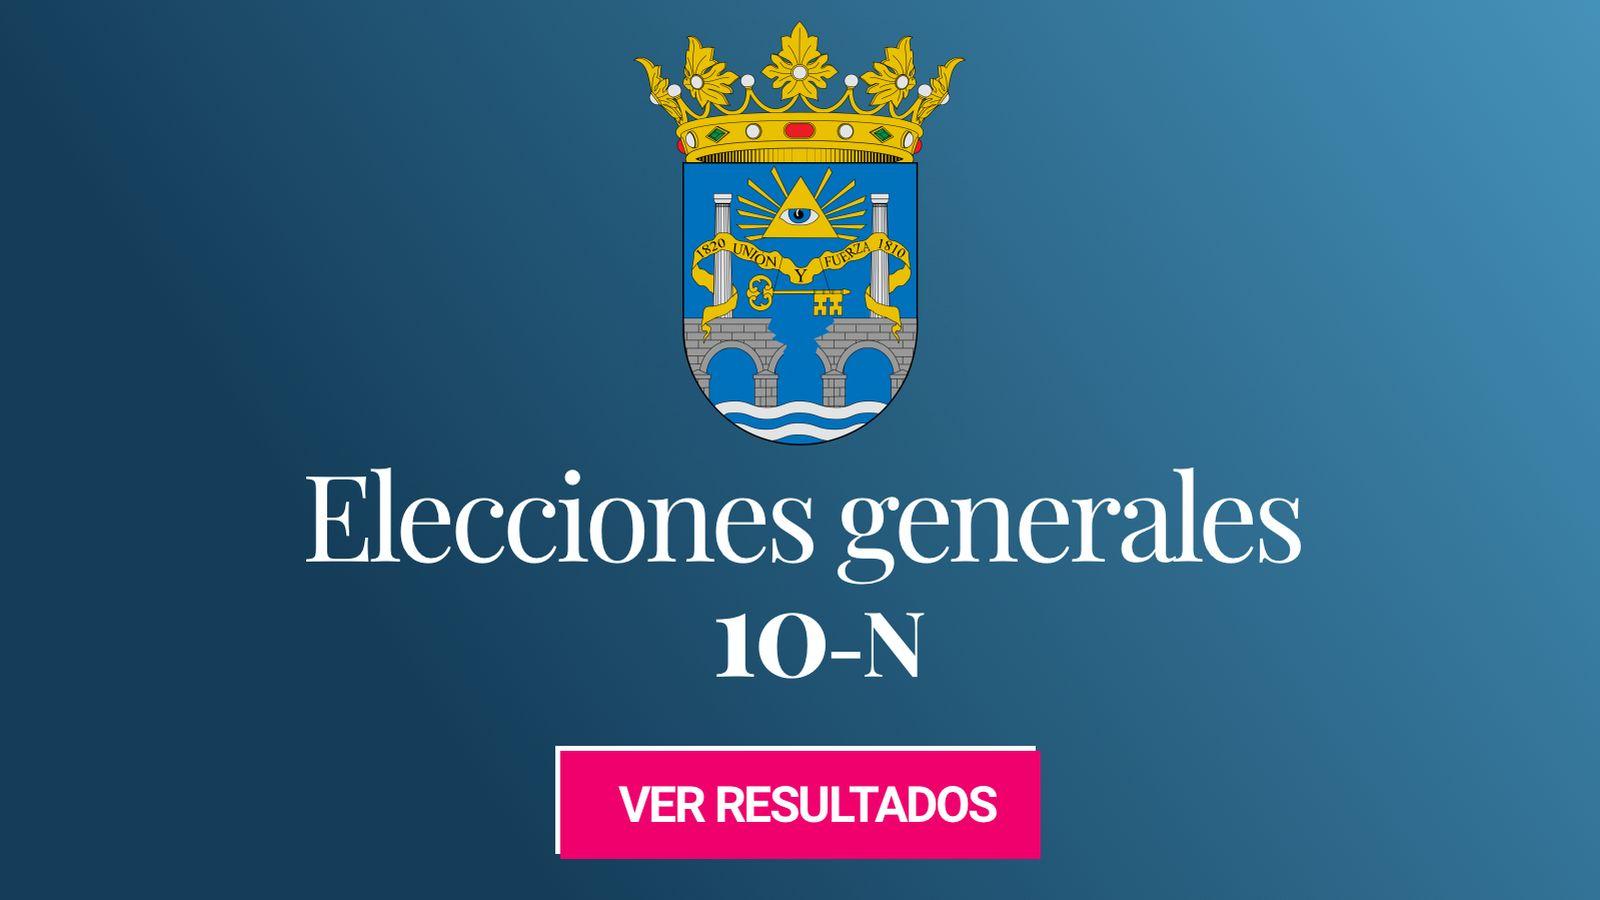 Foto: Elecciones generales 2019 en San Fernando. (C.C./EC)